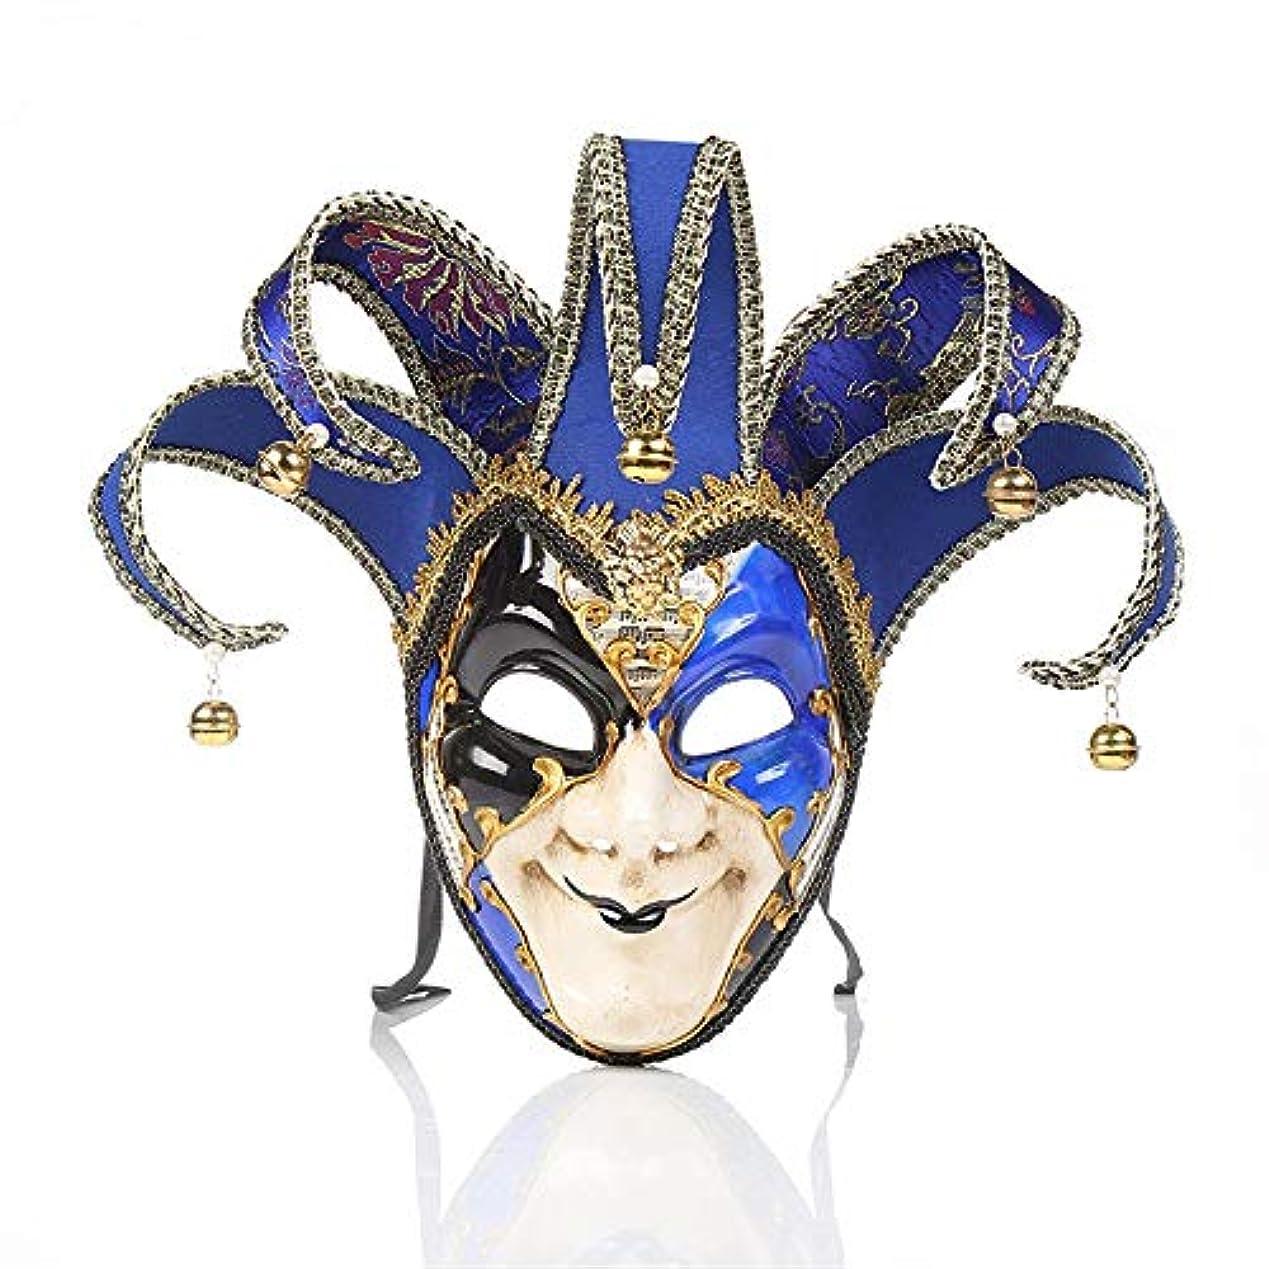 マーキング名誉ある浮くダンスマスク ピエロマスクハロウィーンパフォーマンスパフォーマンス仮面舞踏会雰囲気用品祭りロールプレイングプラスチックマスク ホリデーパーティー用品 (色 : 青, サイズ : 39x33cm)